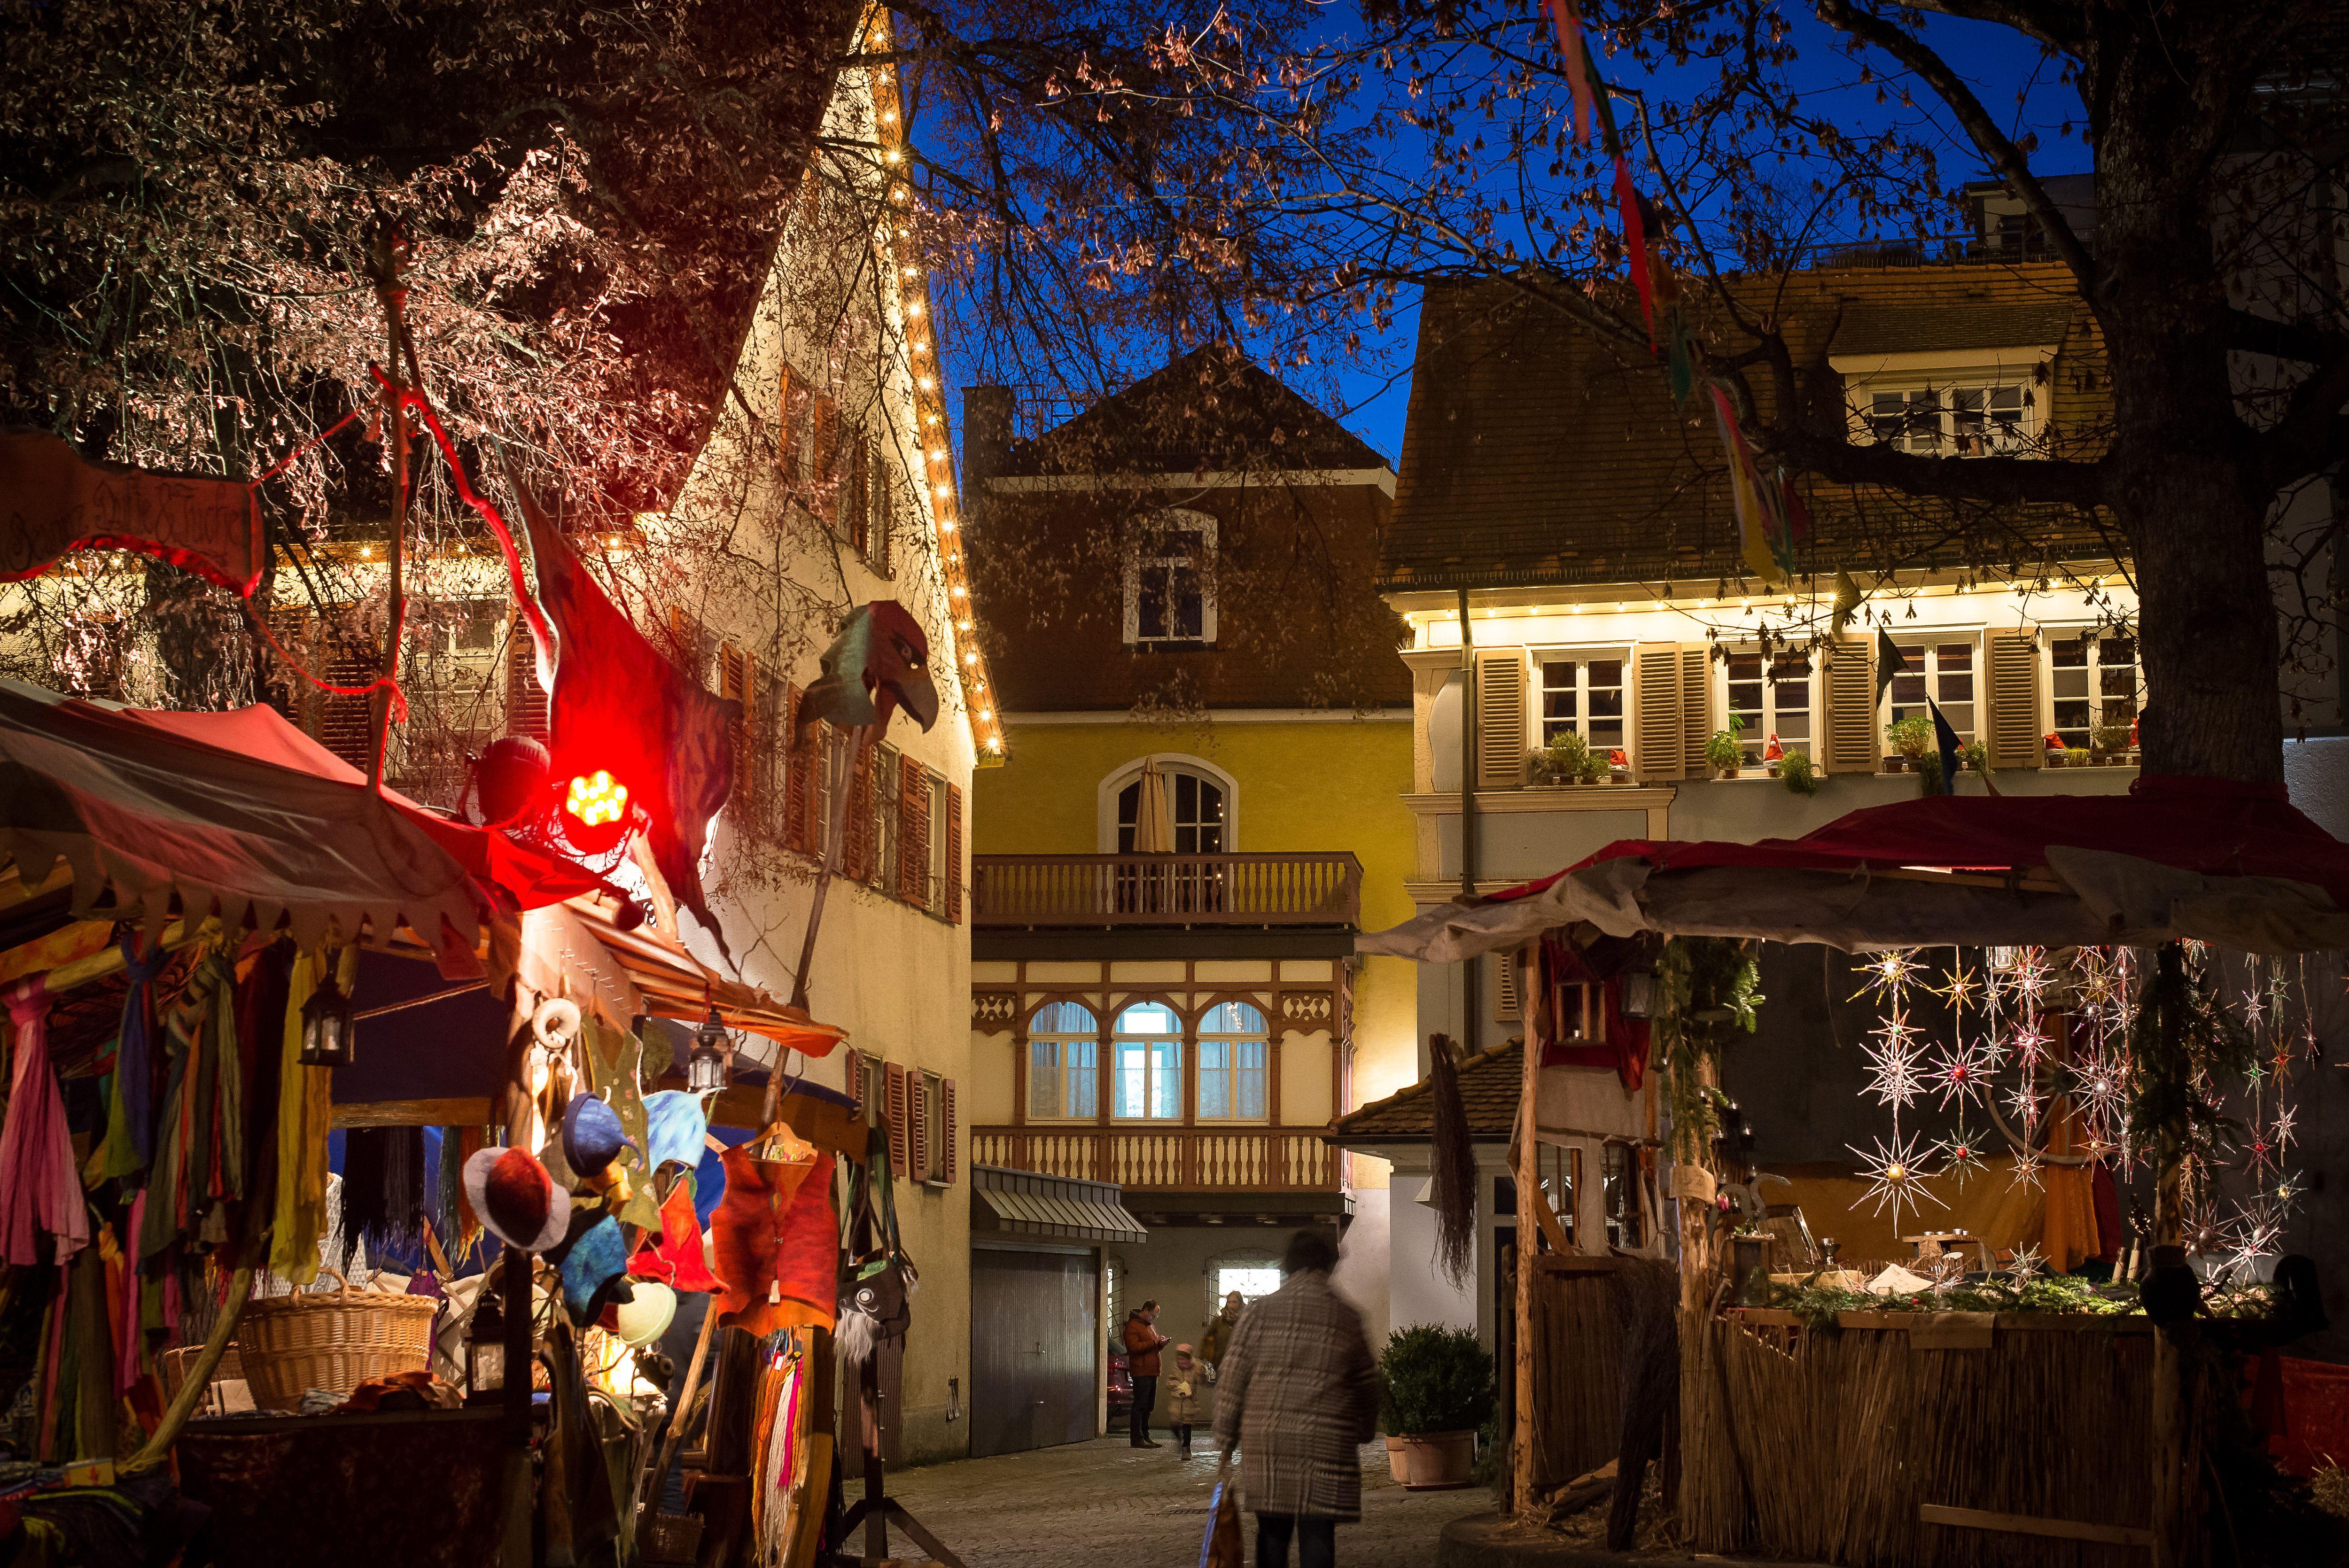 Mittelalterlicher Weihnachtsmarkt.Mittelaltermarkt Esslingen Weihnachtsmarkt Esslingen